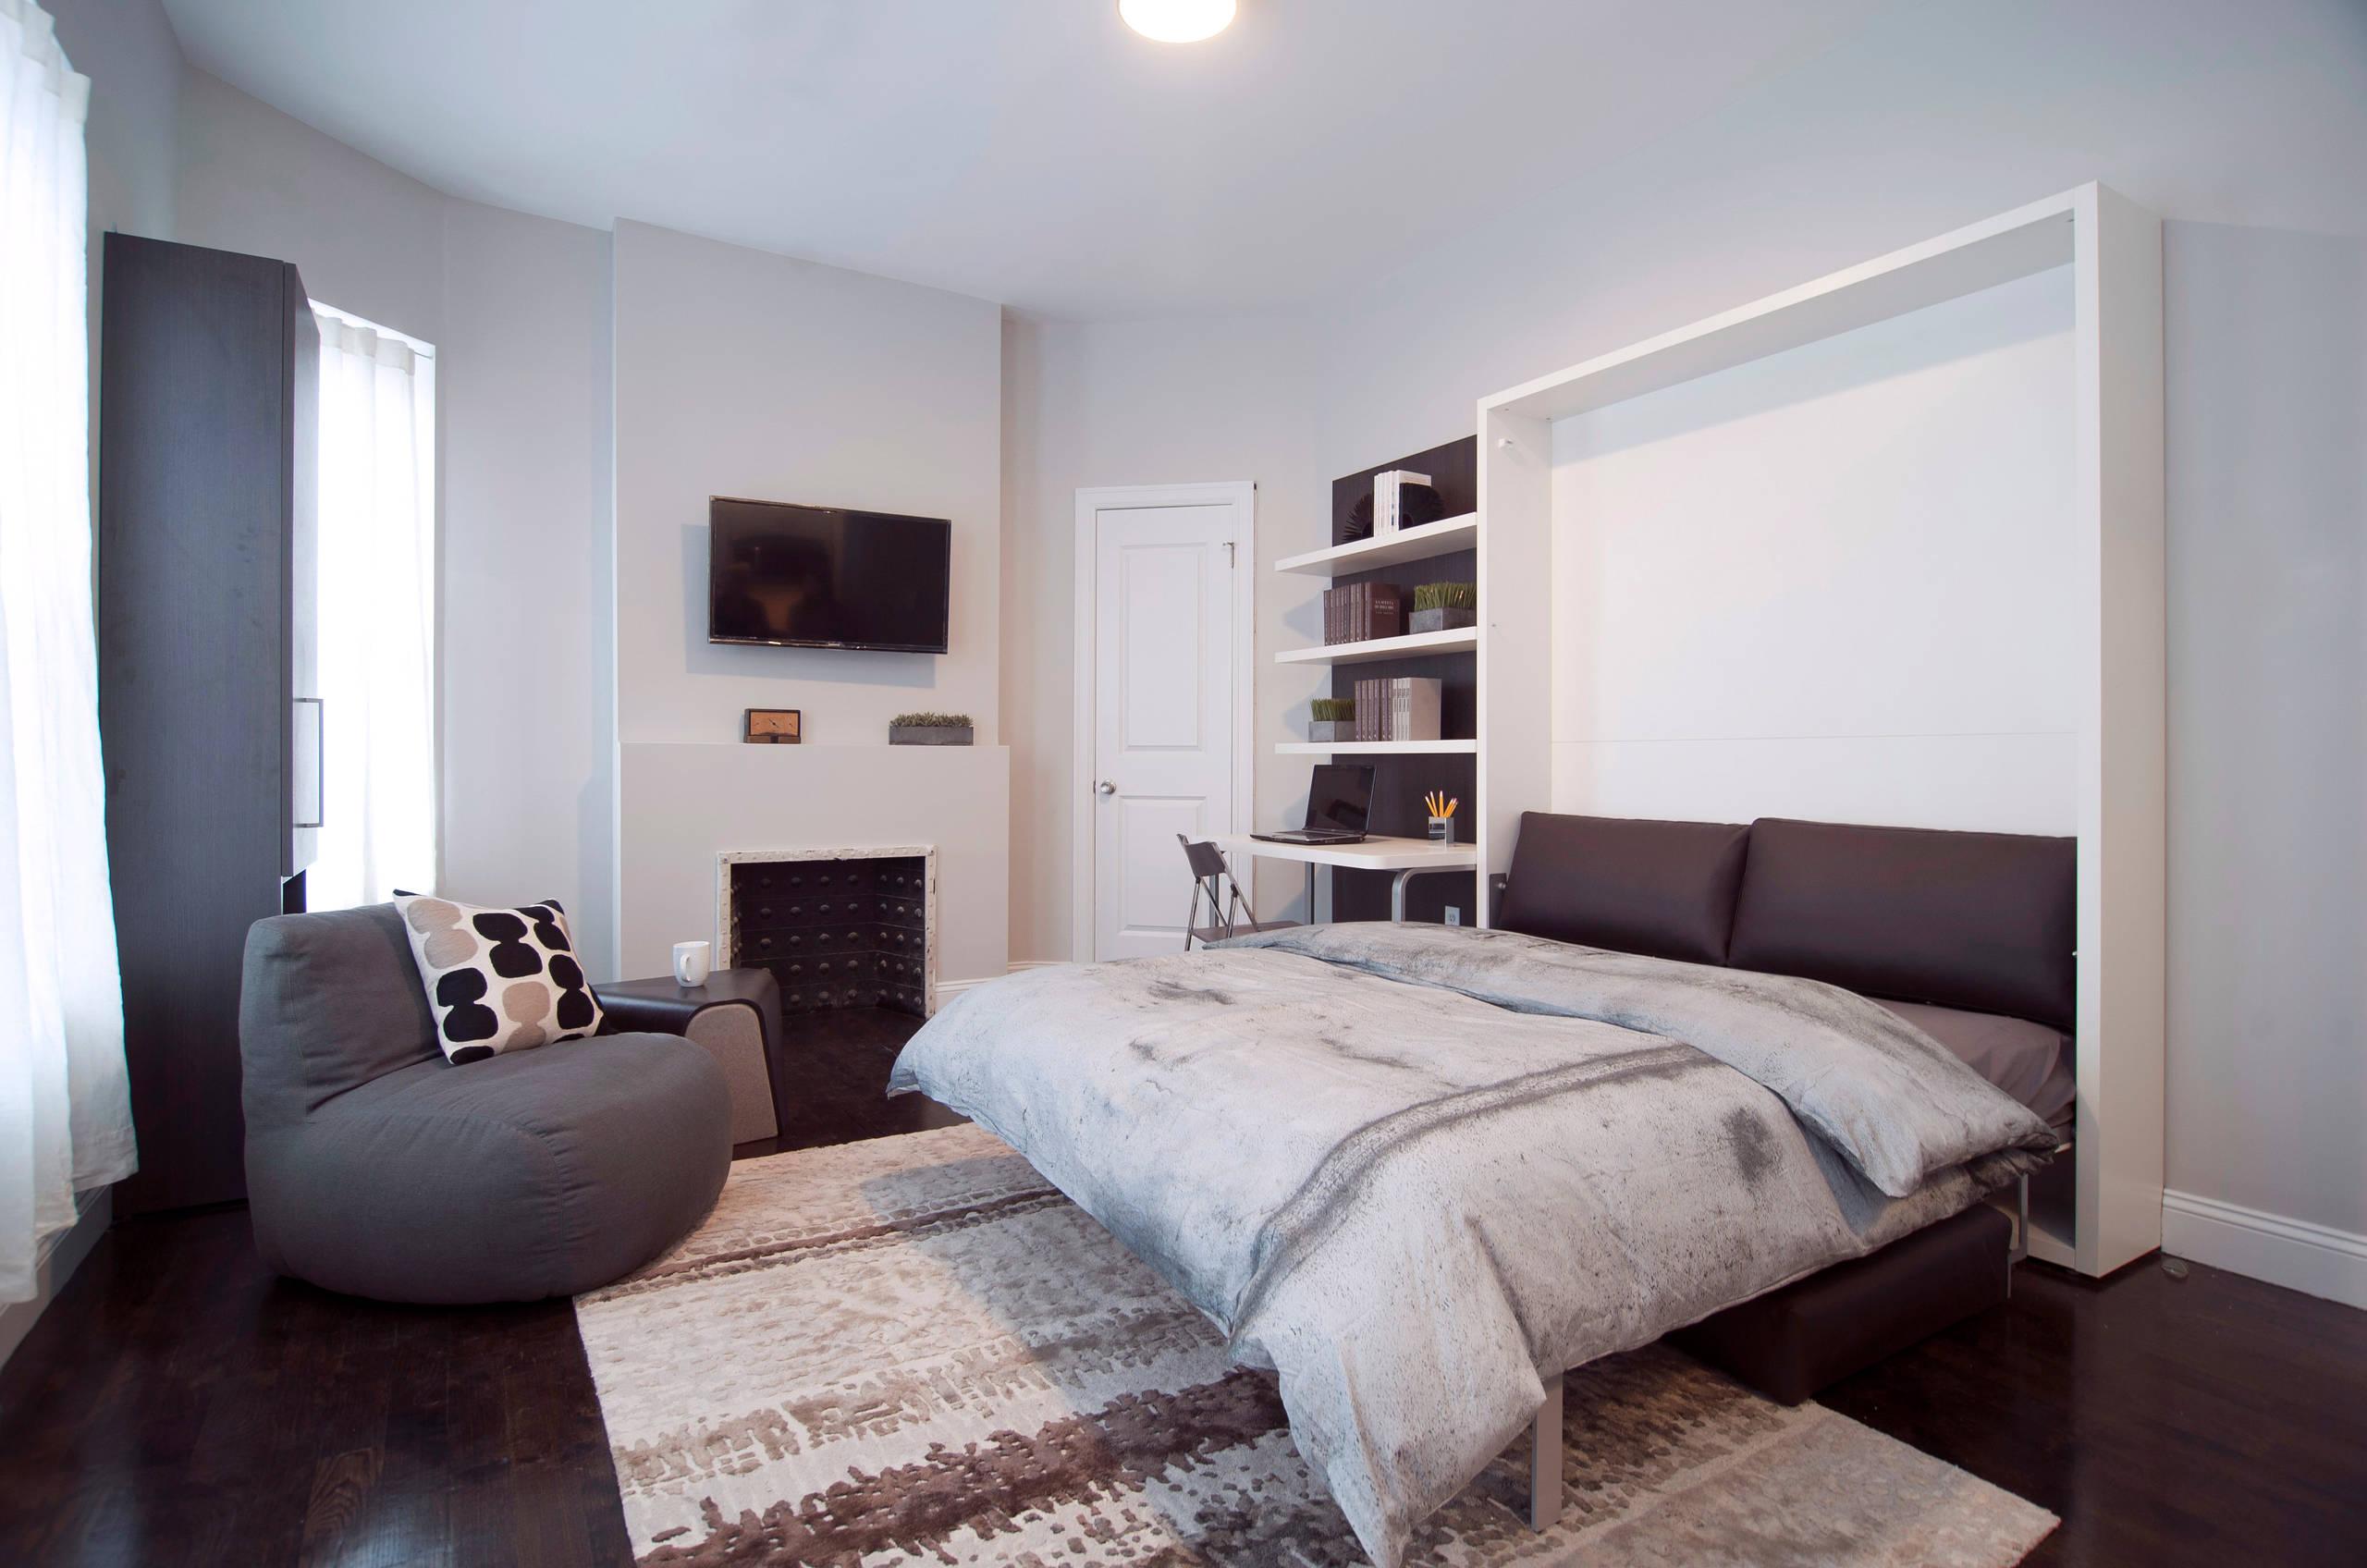 Дизайн комнаты спальни - гостиной